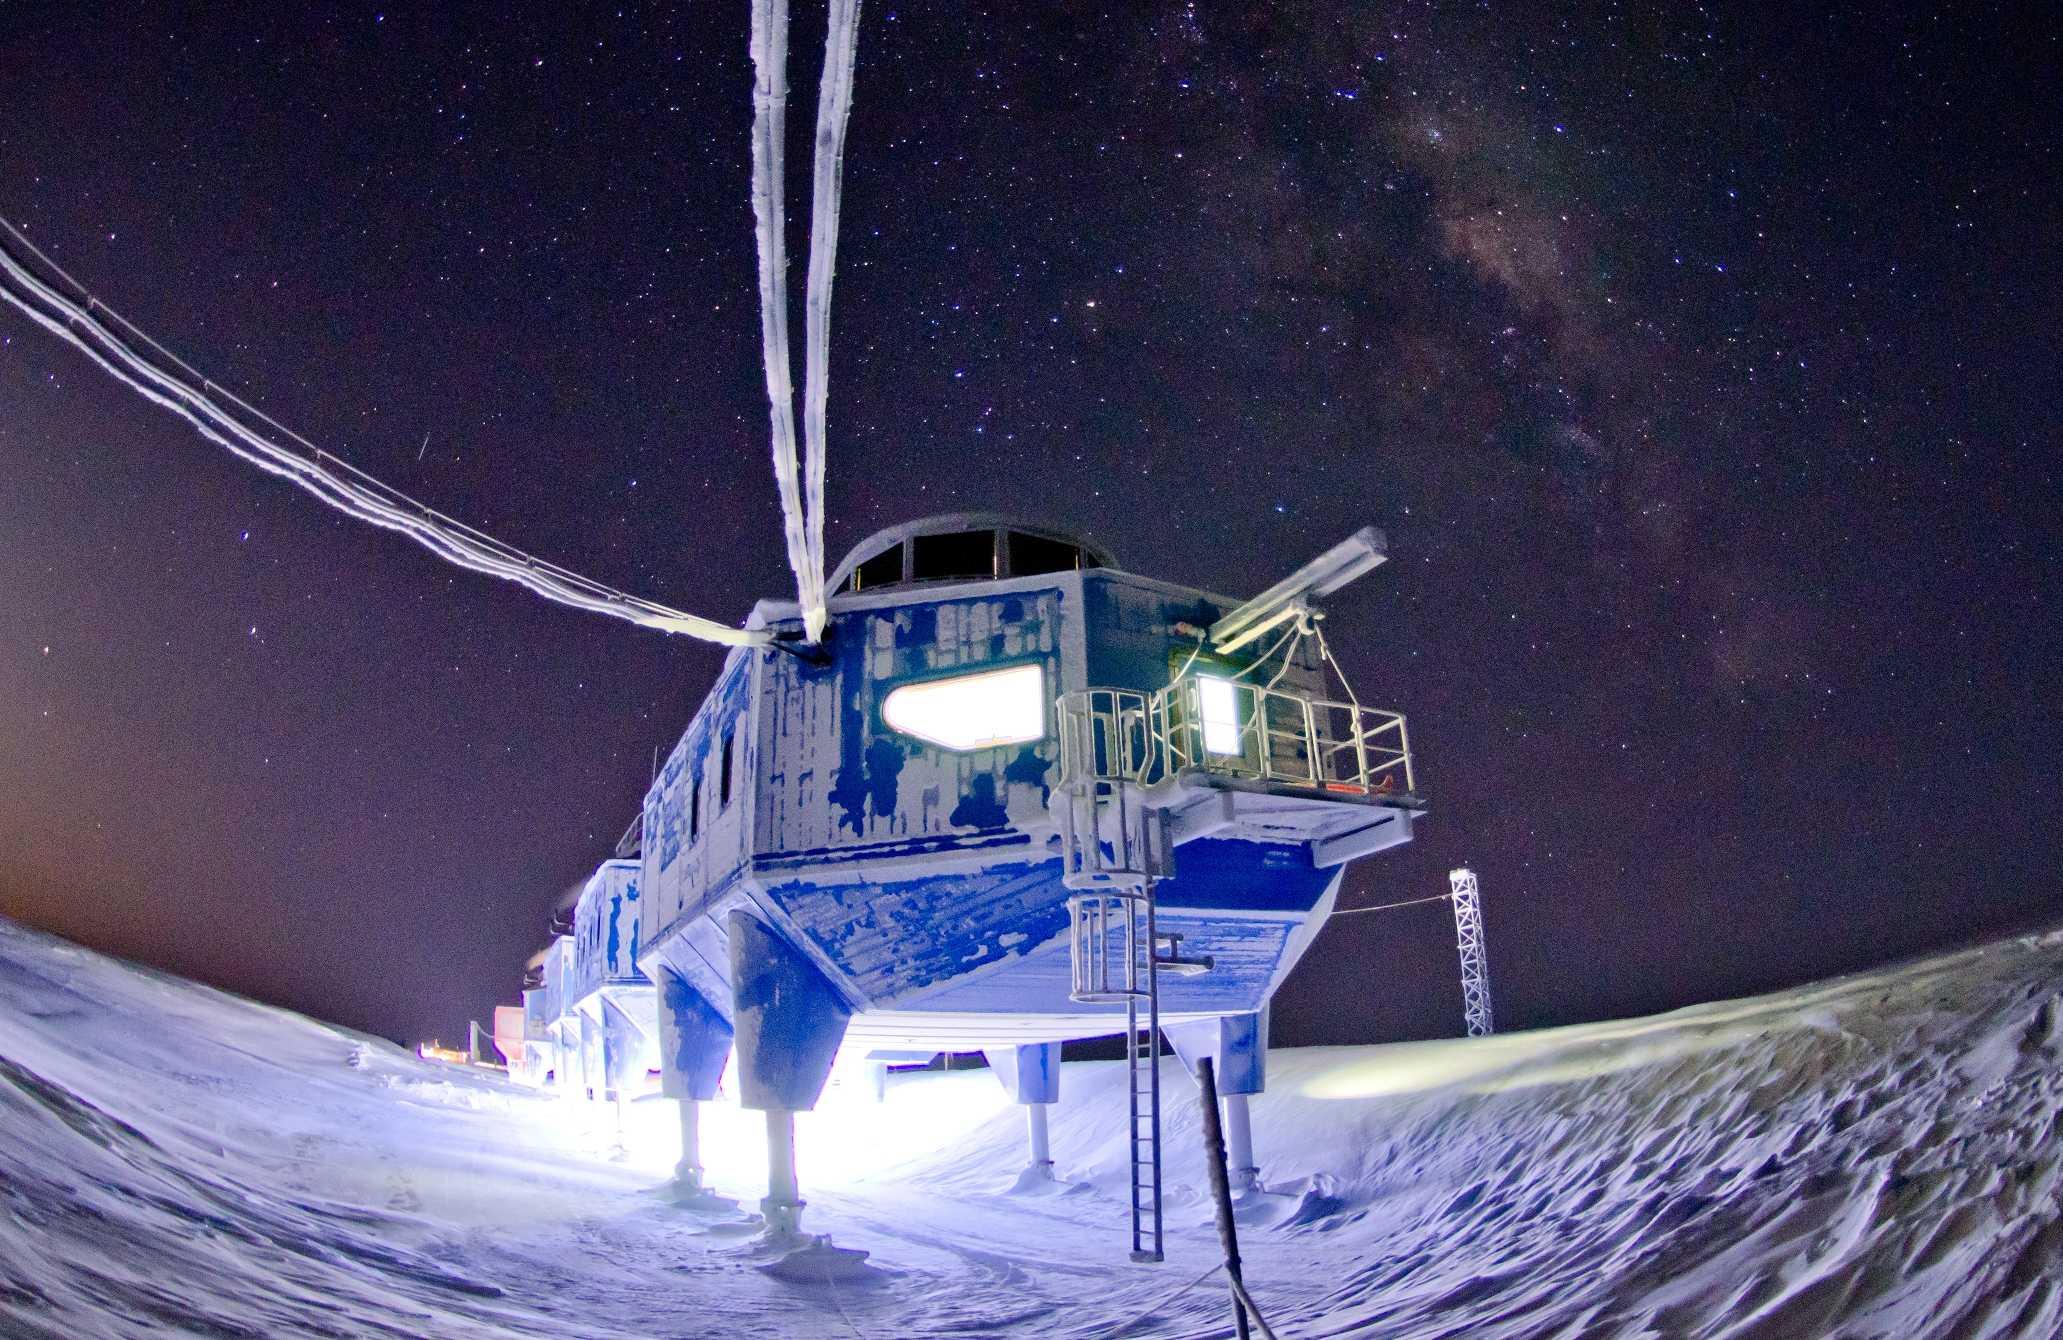 Antartide: registrati 'suoni spaziali' dalla Stazione Halley